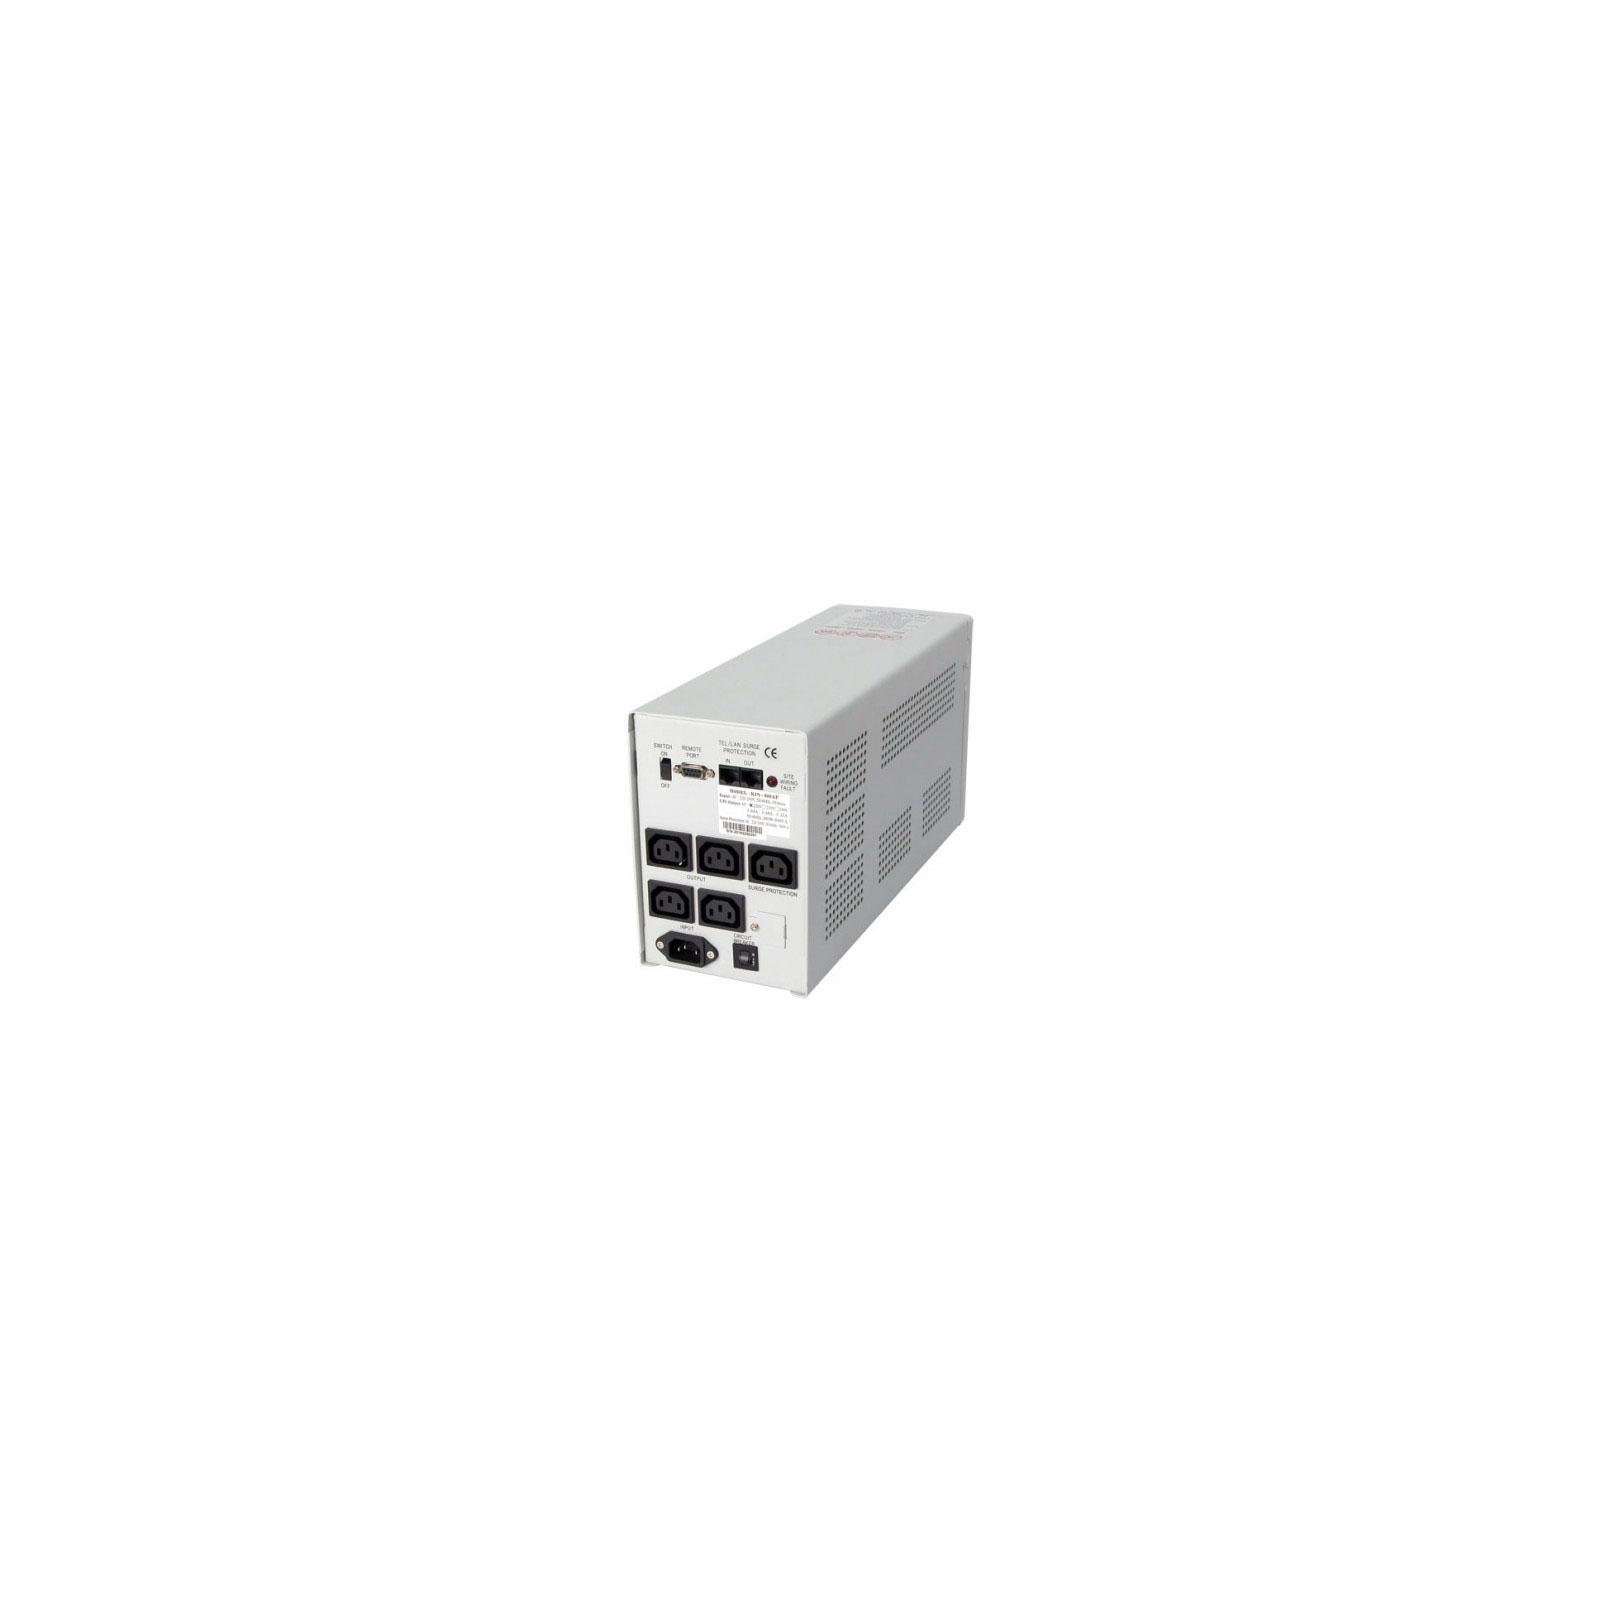 Источник бесперебойного питания KIN-1000 AP Powercom изображение 2